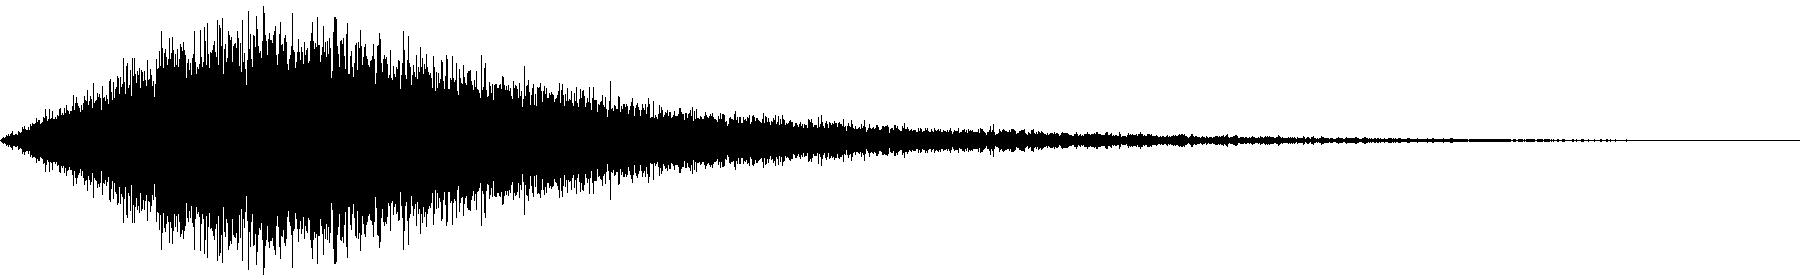 vfx1 atmos 23